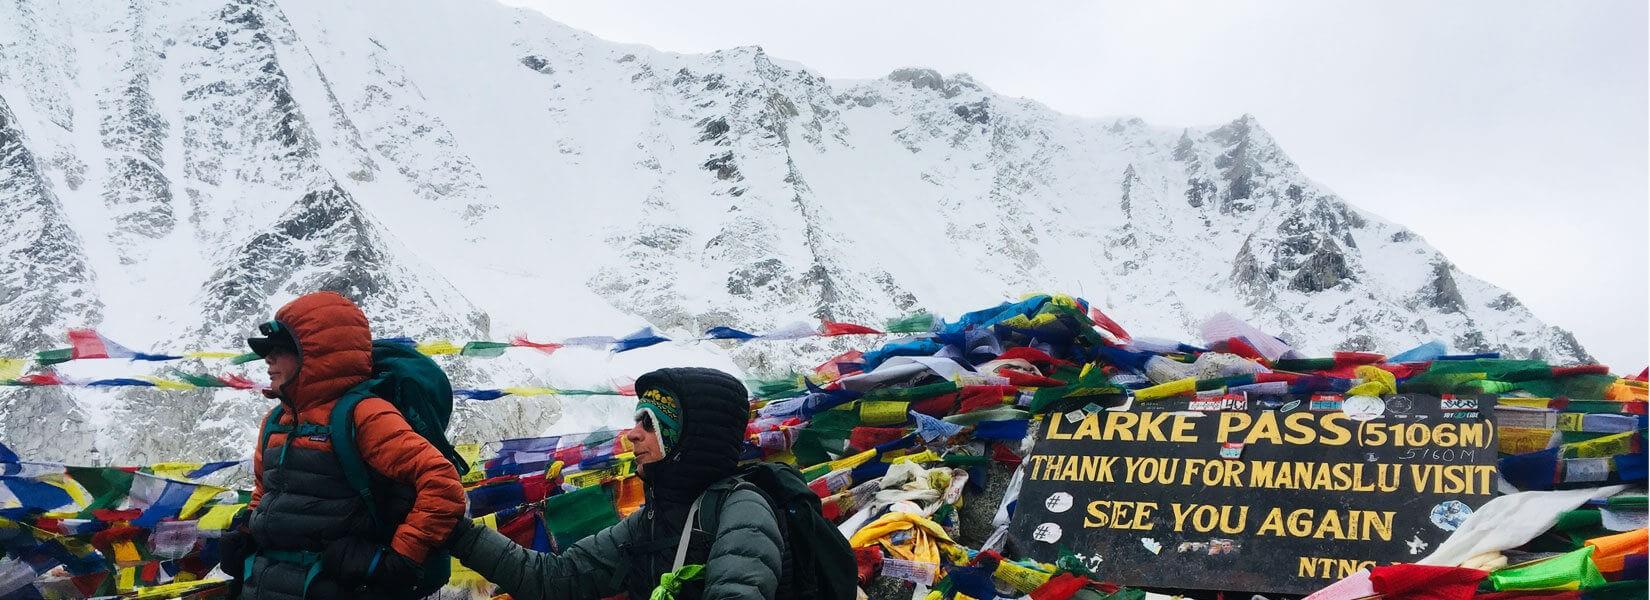 Larke Pass Manaslu Trekking